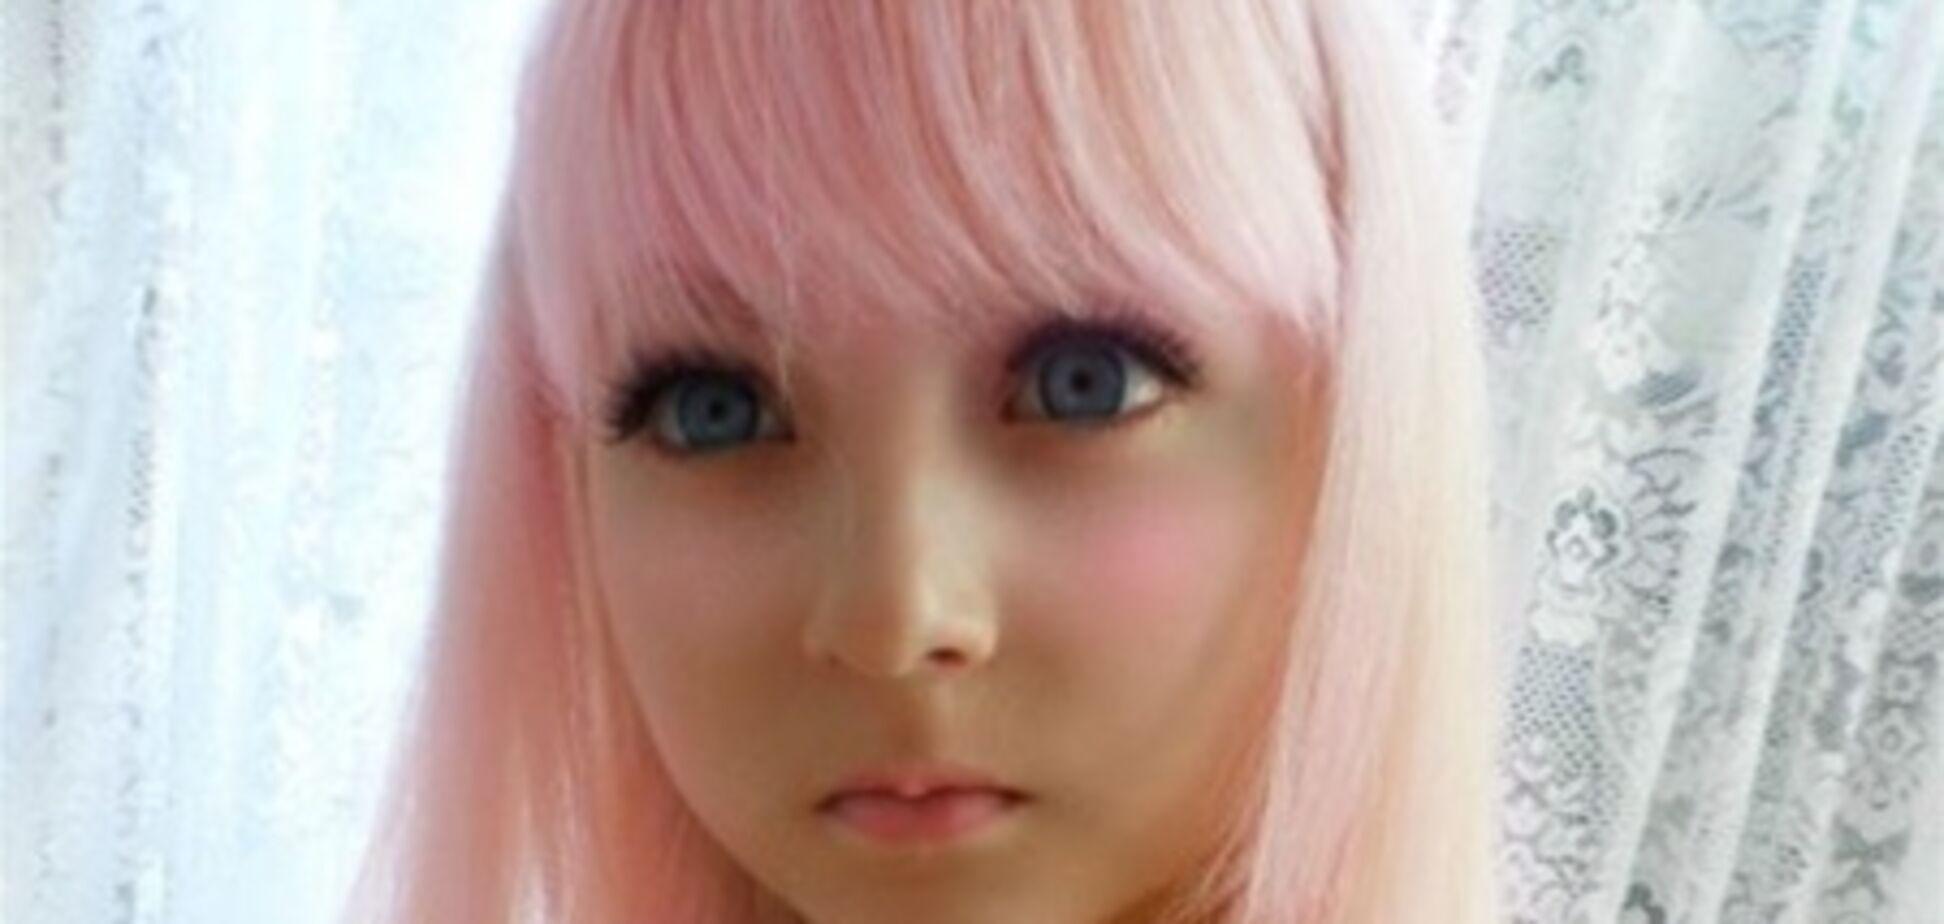 Інтернет підкорила жива лялька. Фото. Відео